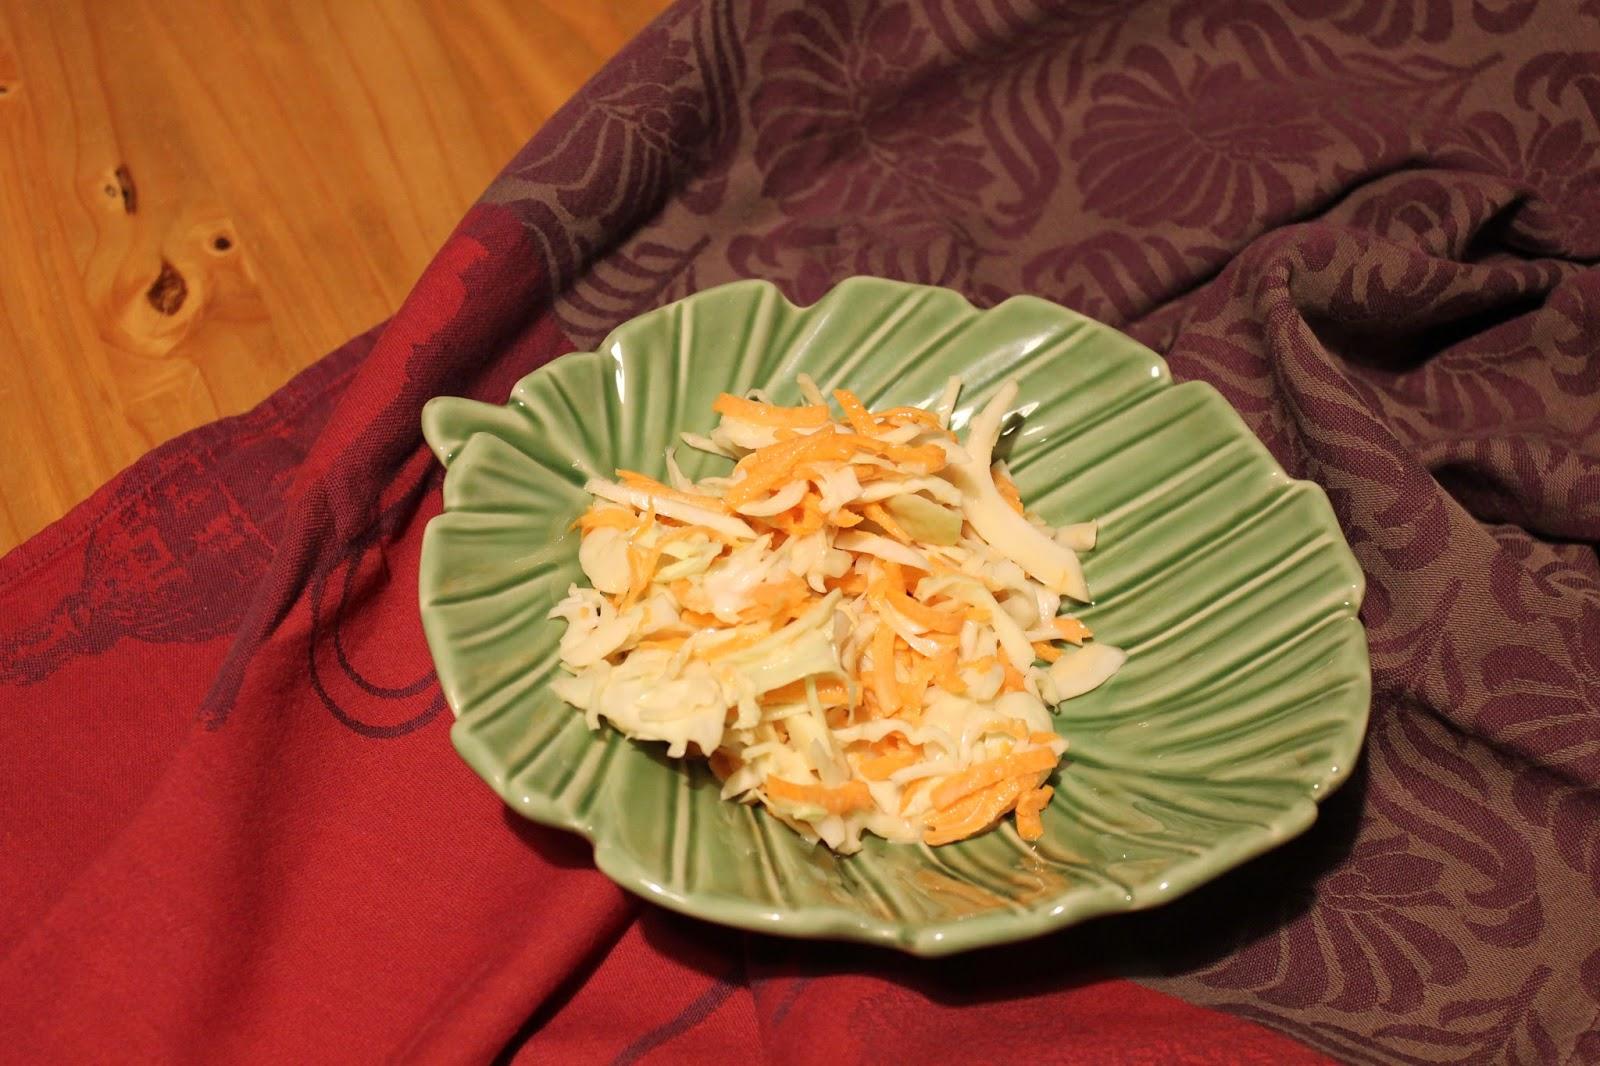 Petits cahiers en cuisine coleslaw maison - Faire un roux en cuisine ...